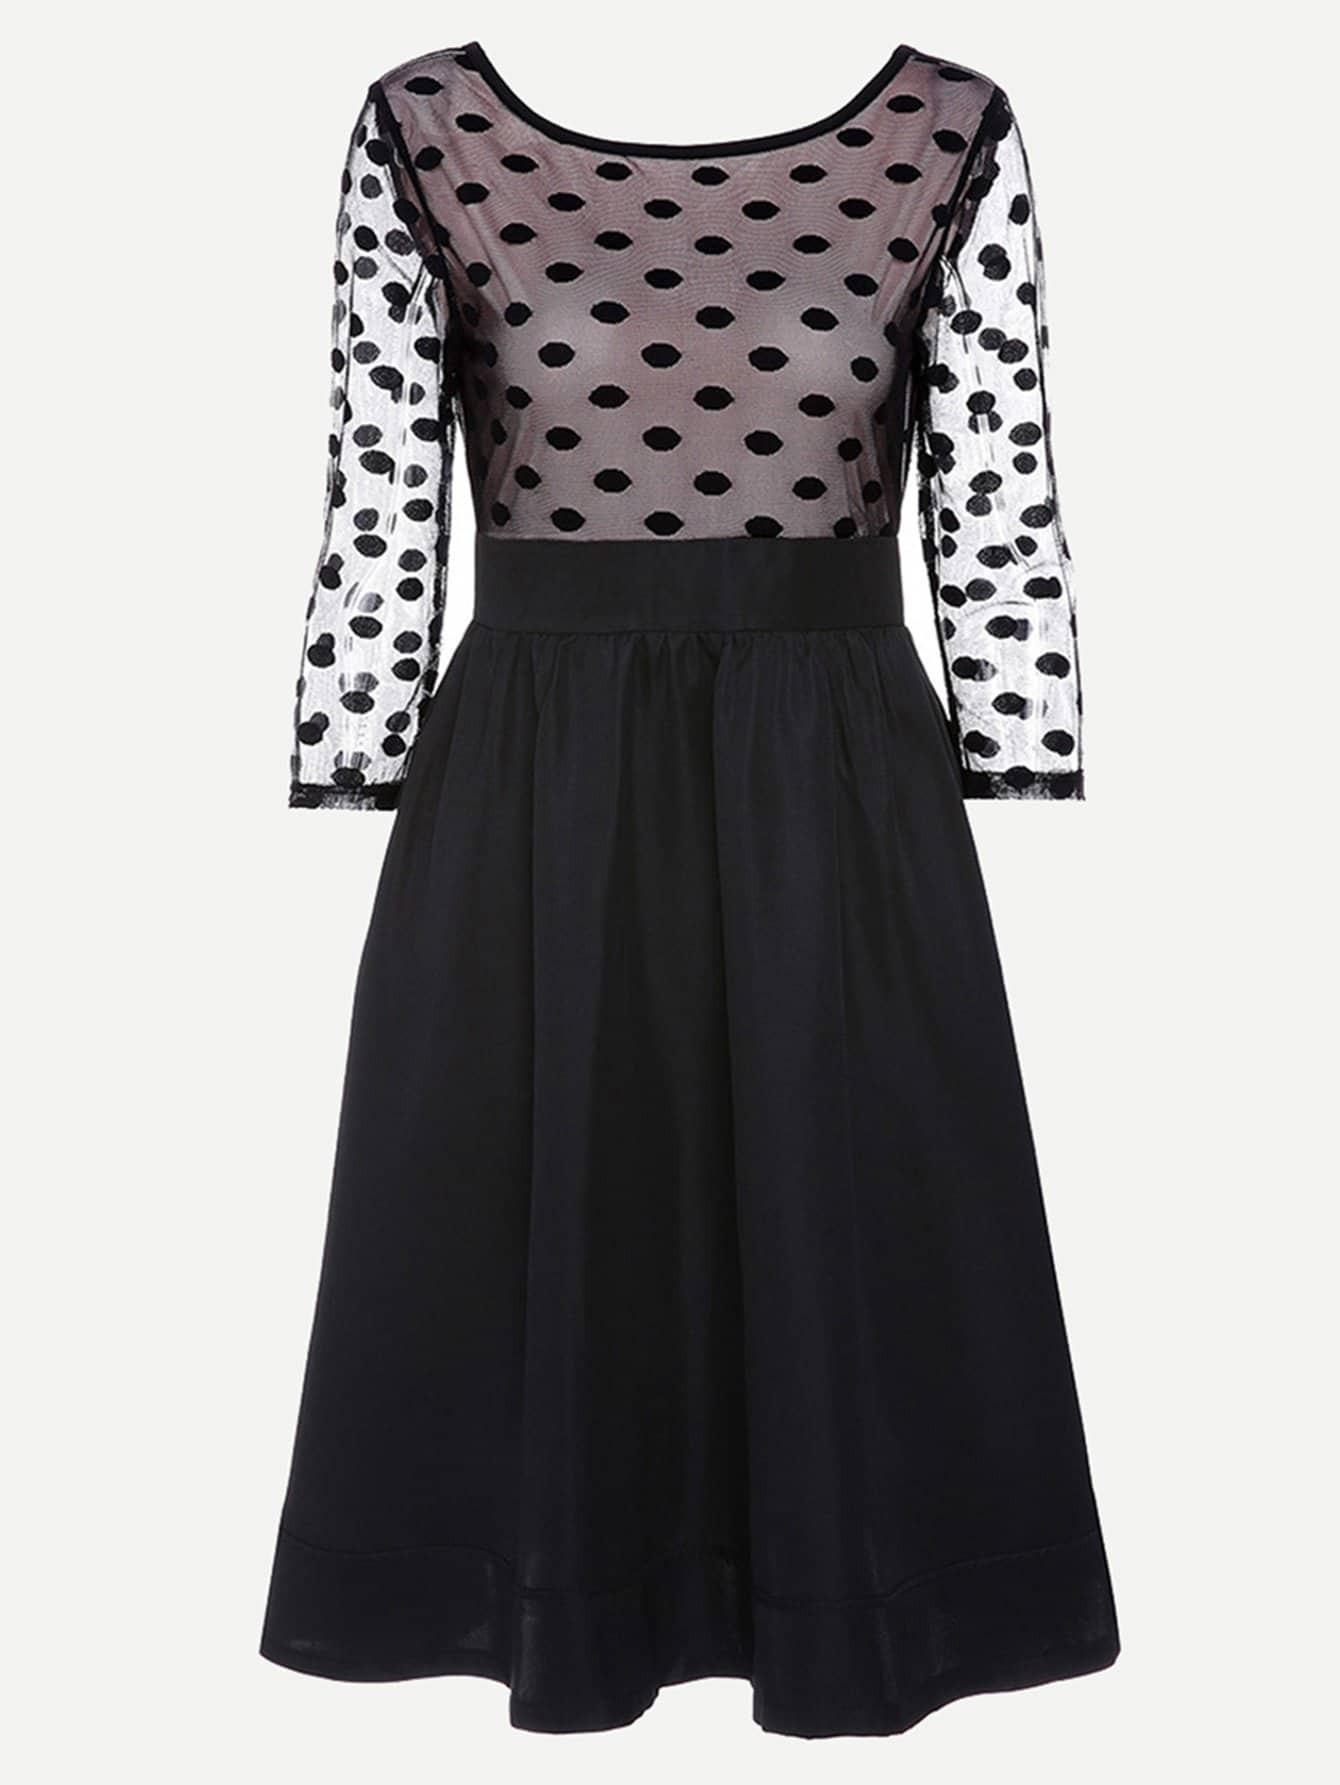 Купить Платье с рисунками точки и со симметрическими кружевами, null, SheIn